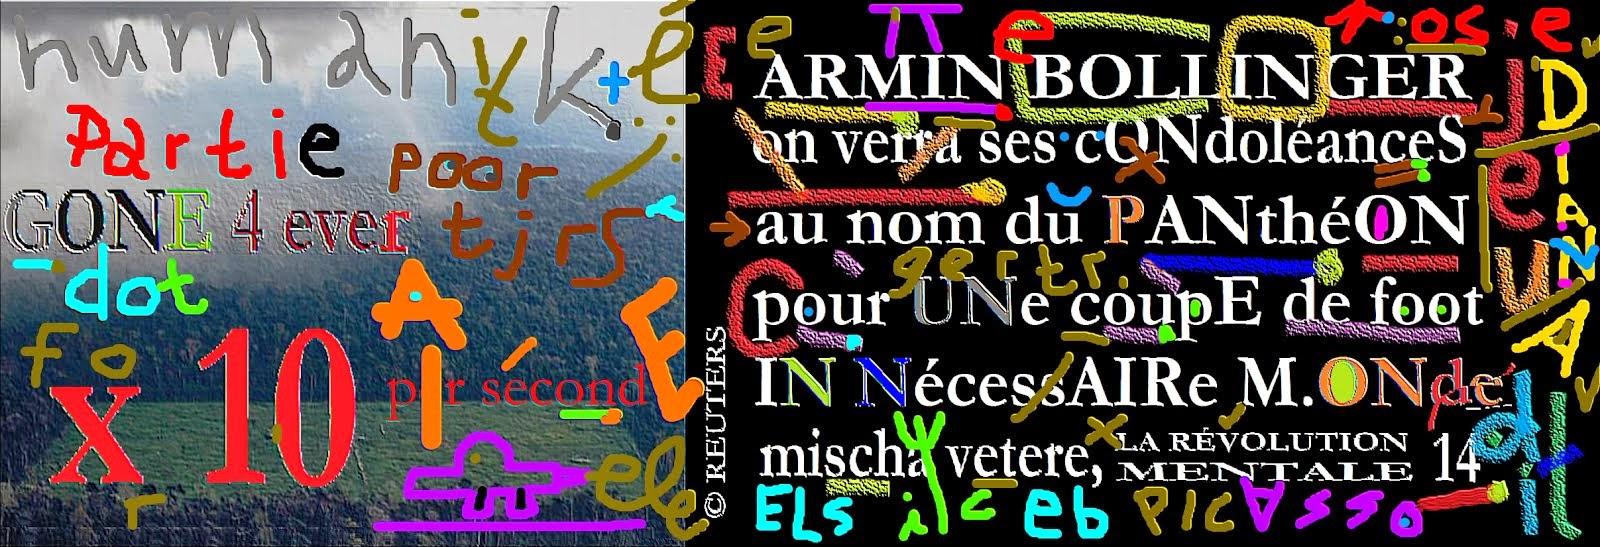 condoléances pour la coupe de foot par mischa vetere i.m. ARMIN BOLLINGER, ami de maria b, aznavour